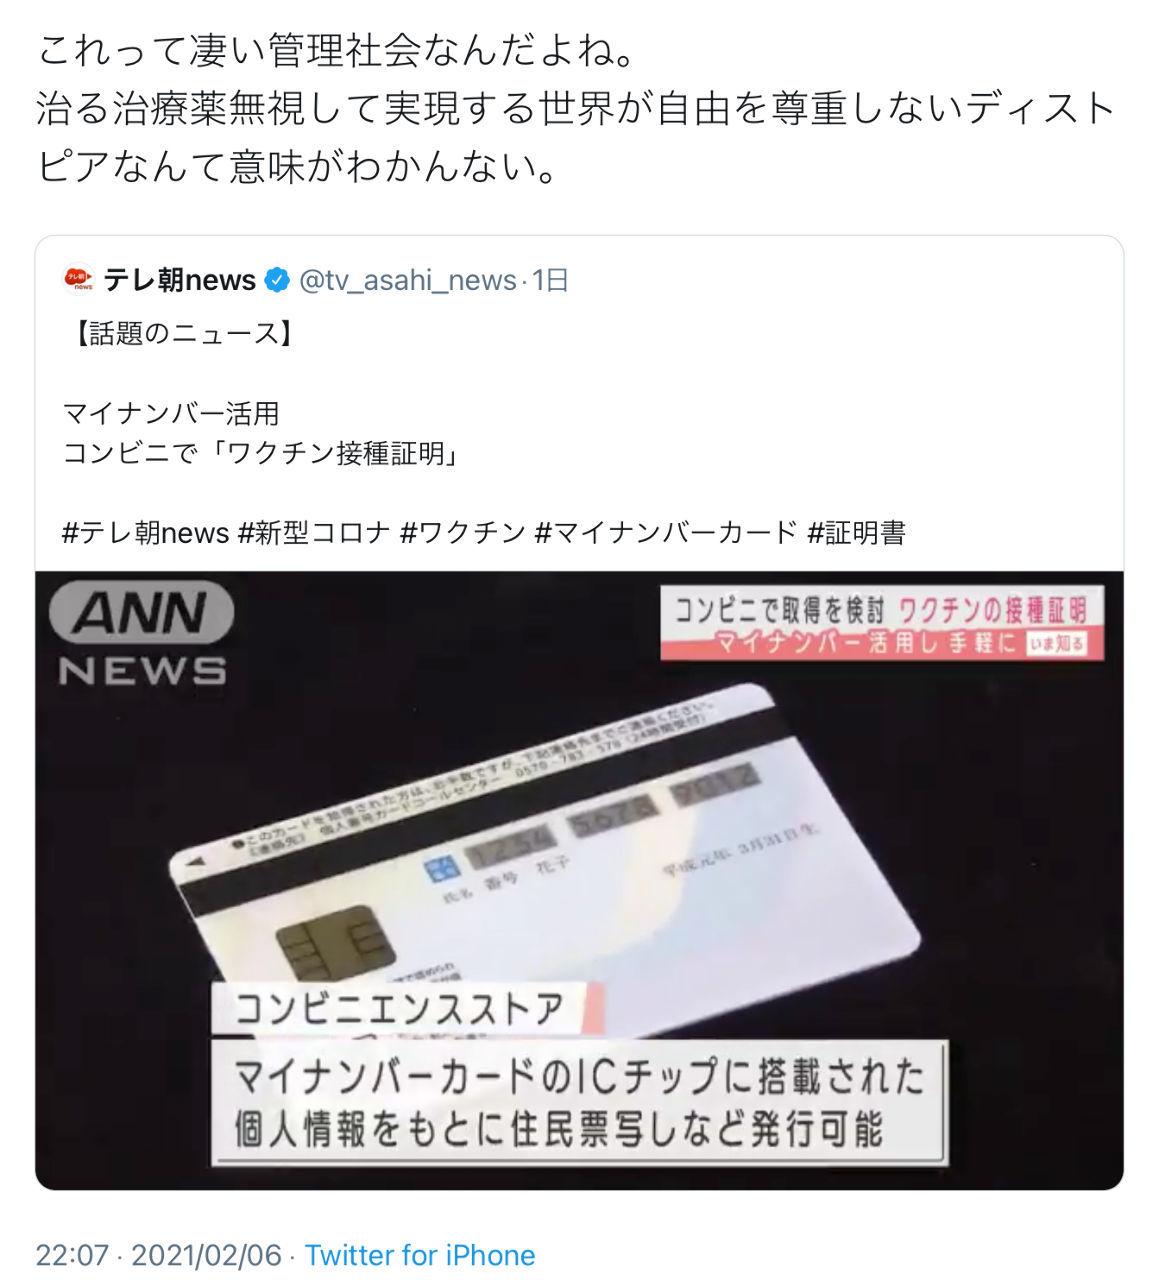 あめちゃん2 デジタルID  マイナンバー活用 コンビニで「ワクチン接種証明」 https://twitter.c